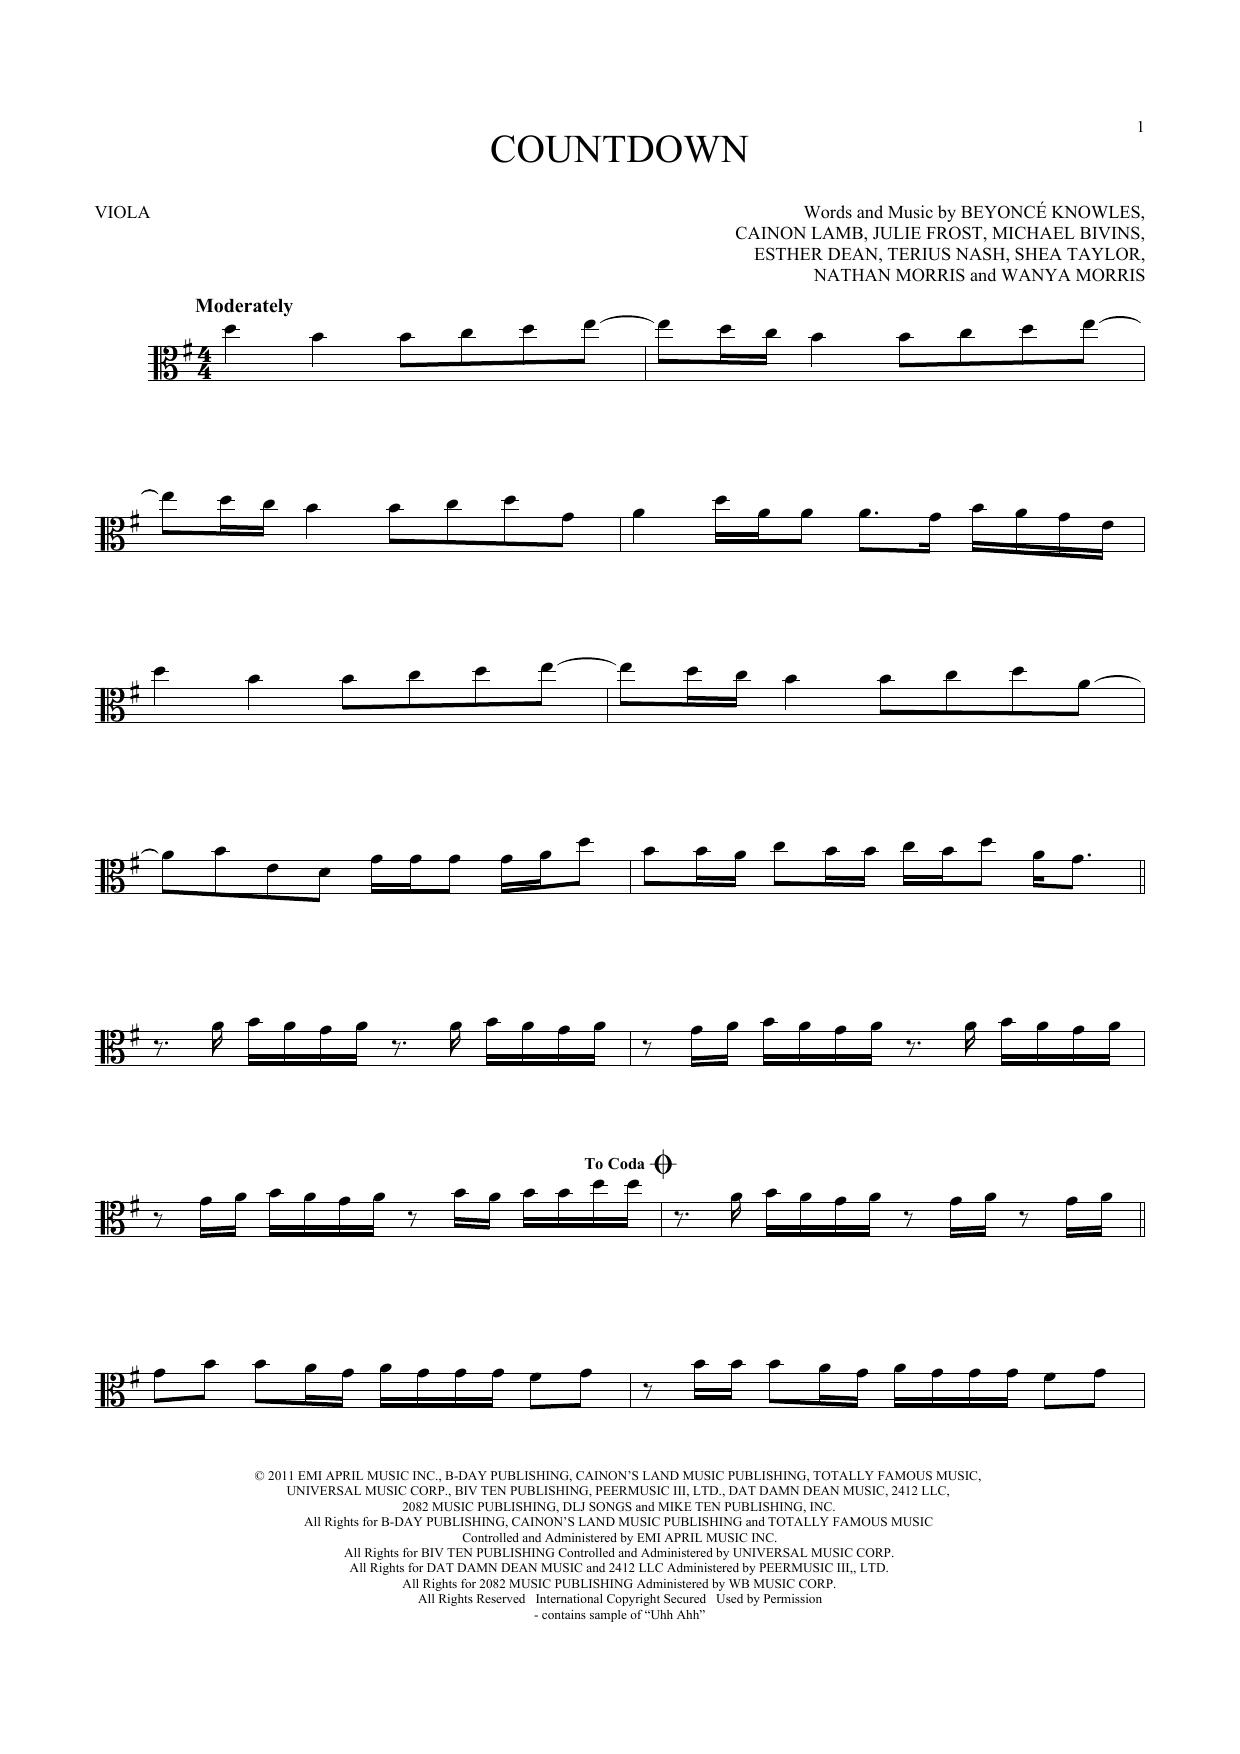 Countdown (Viola Solo)